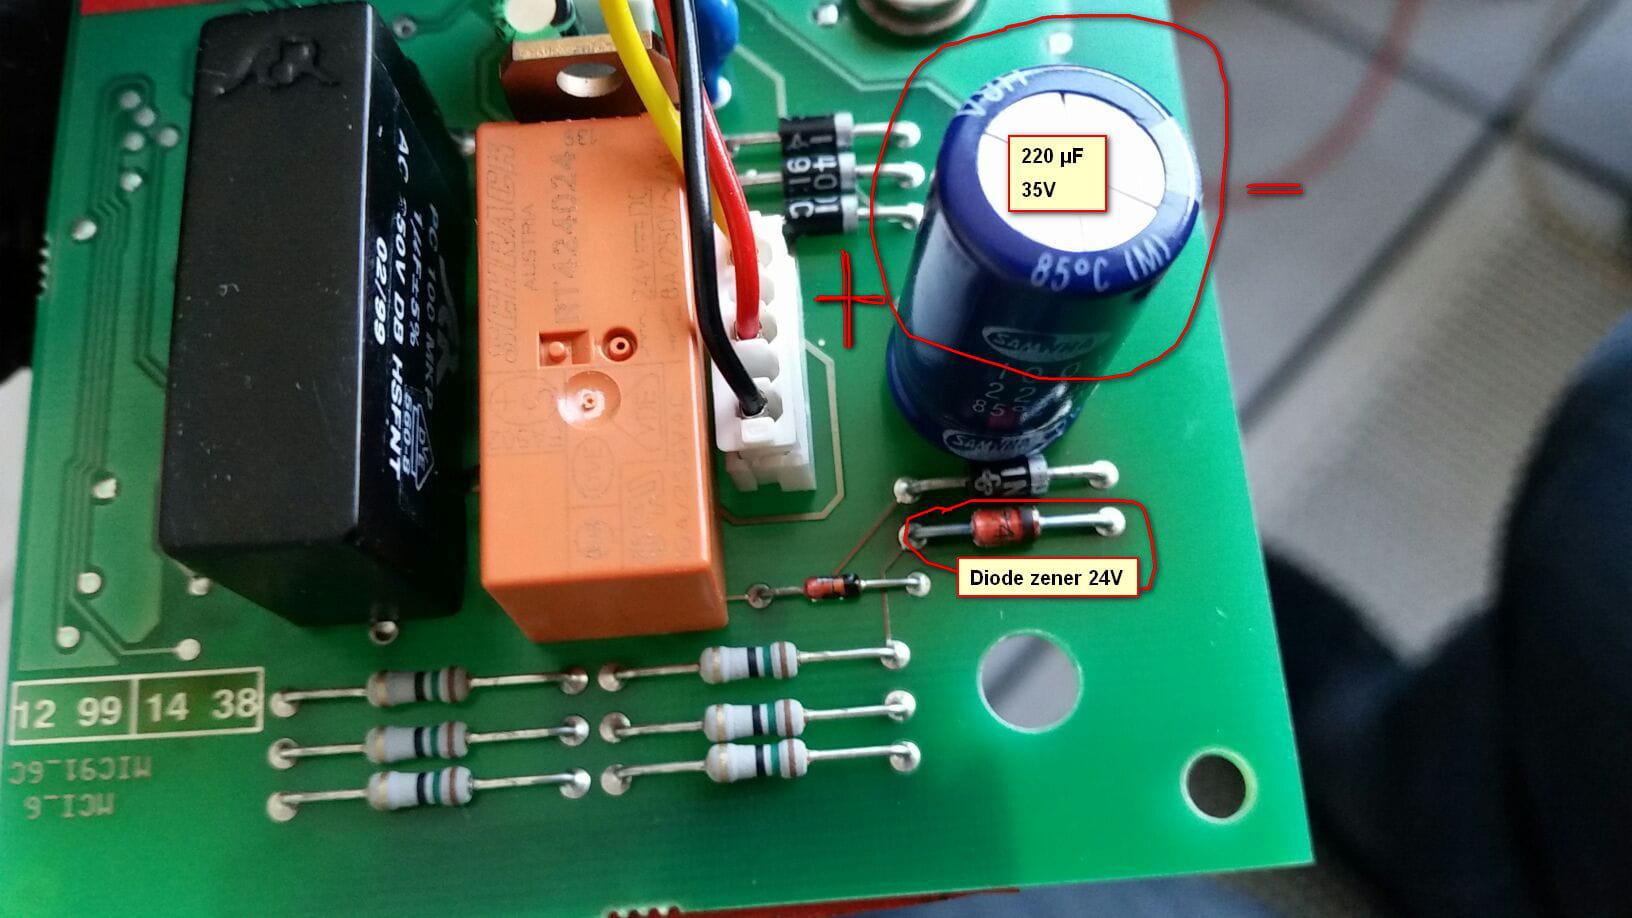 Volet roulant bubendorff mono id r solu - Probleme volet roulant electrique ...